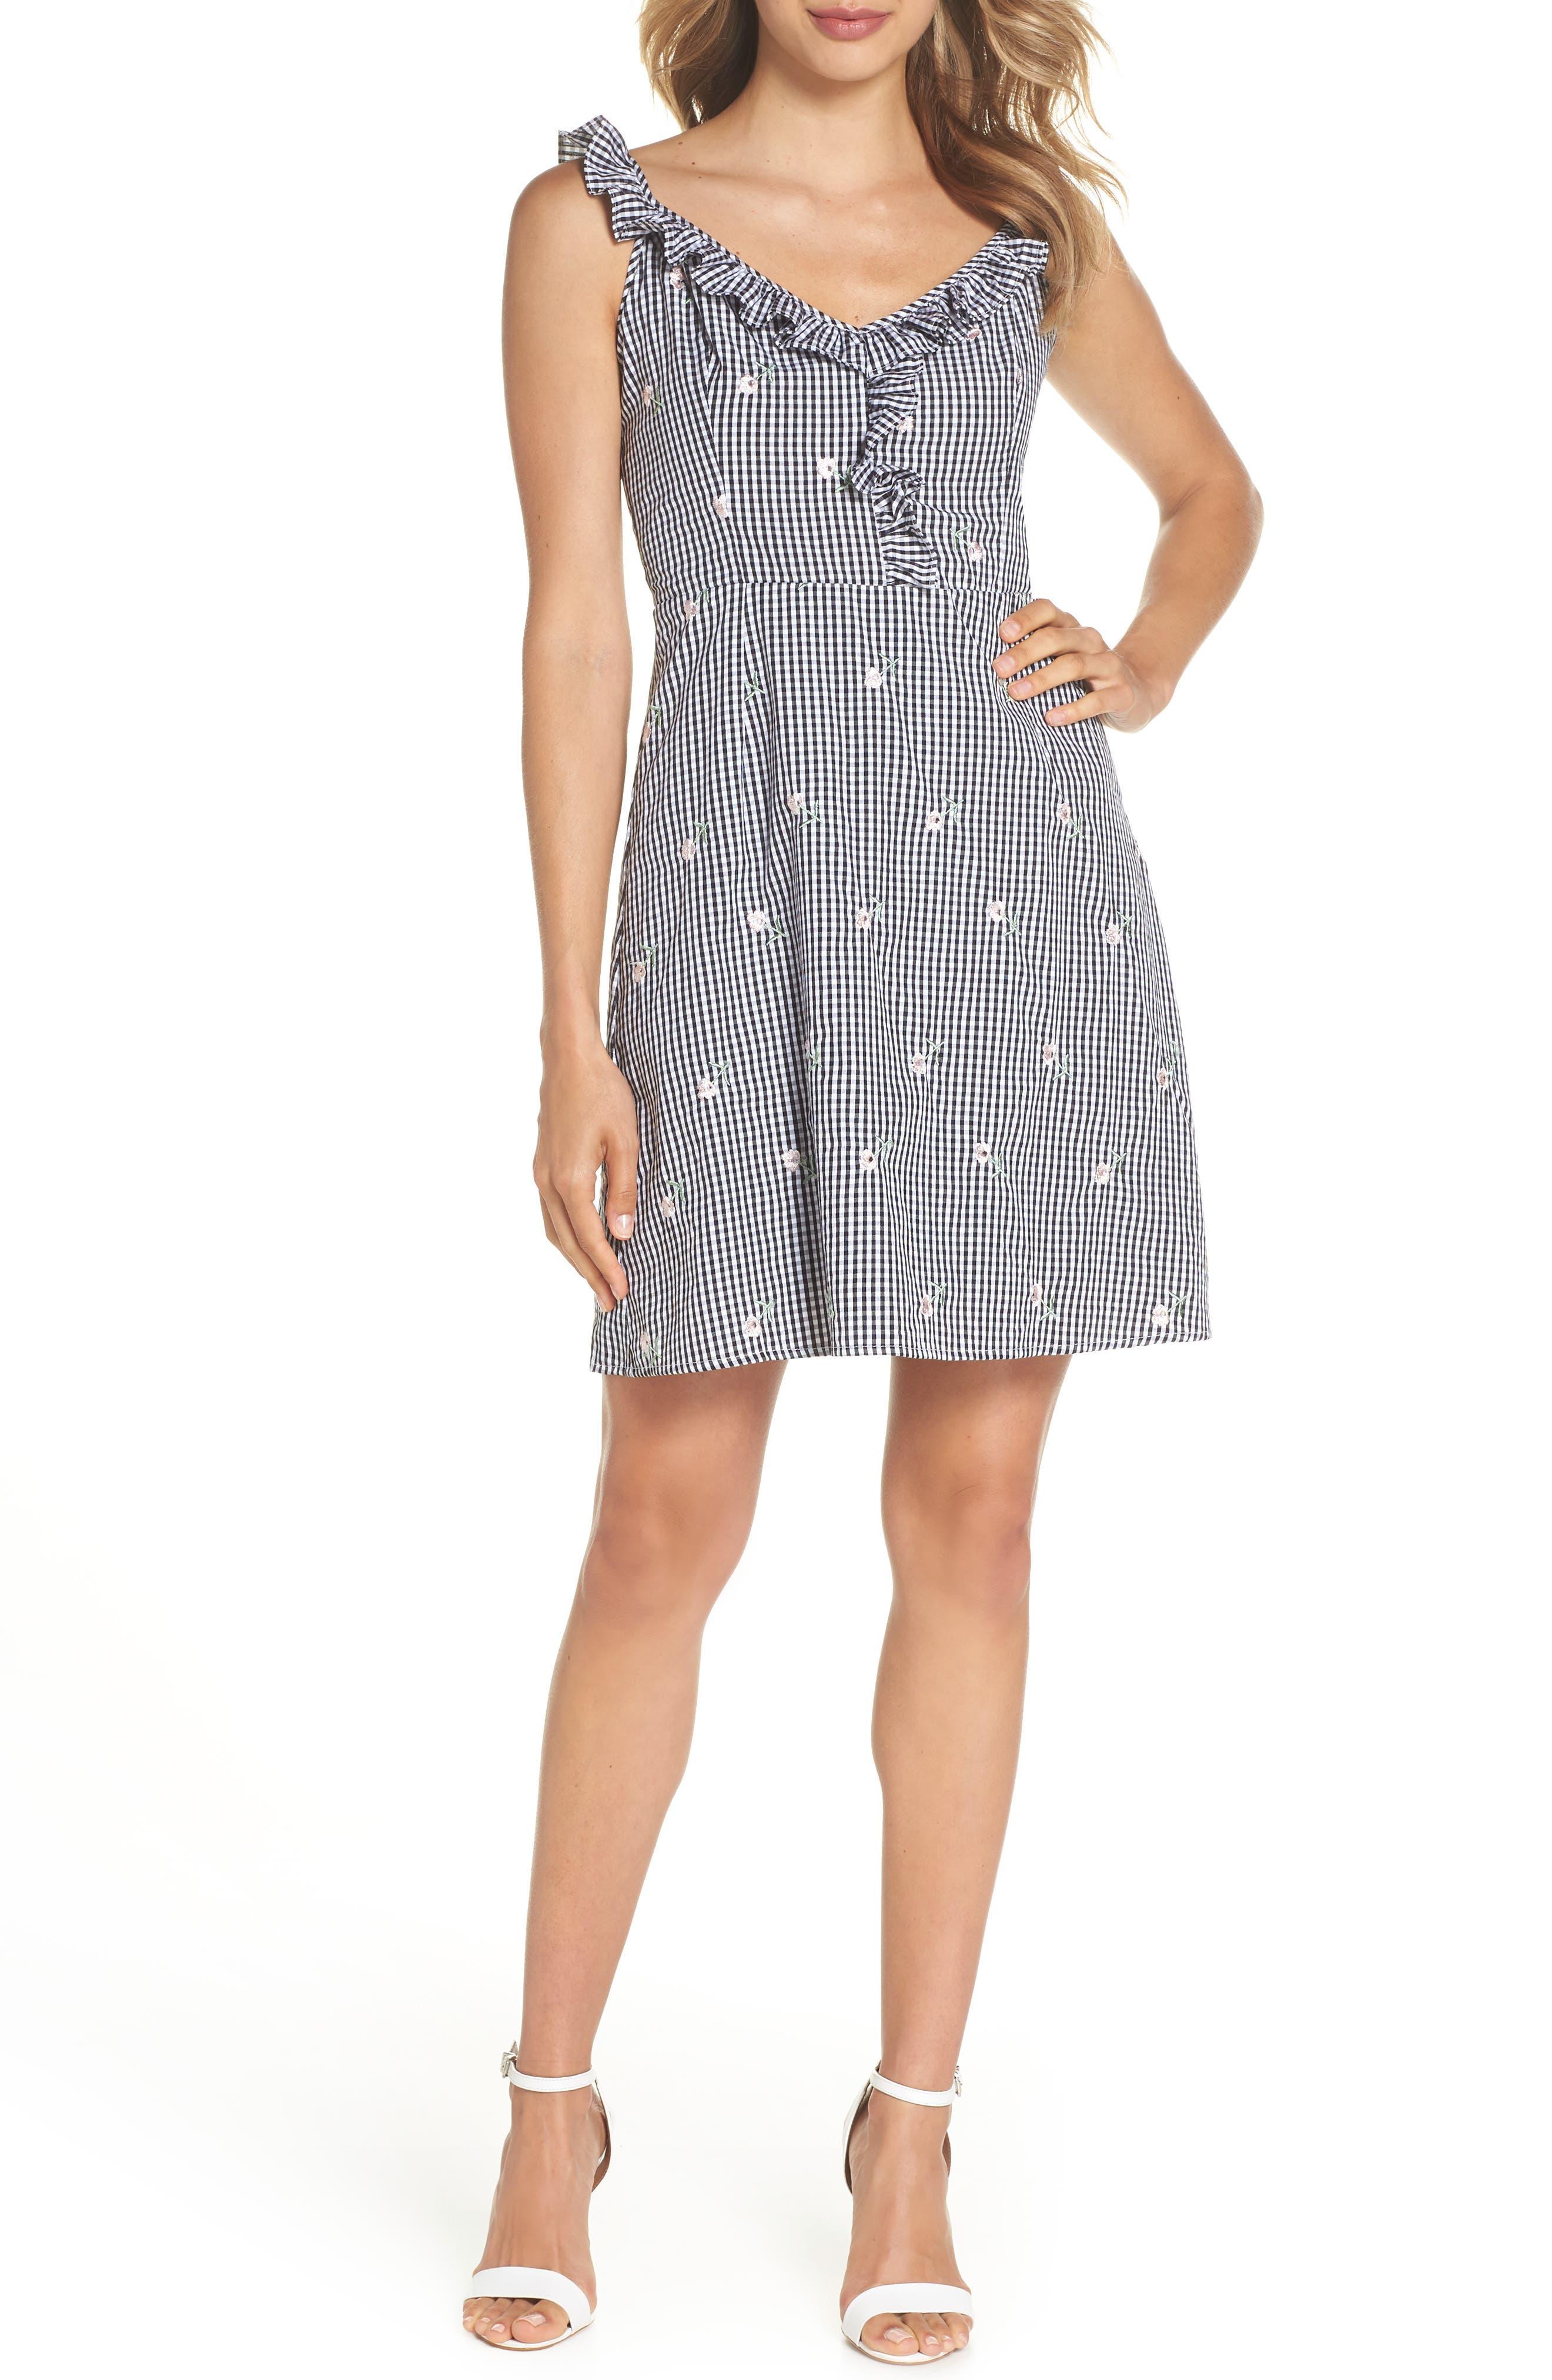 Jilly A-Line Cotton Dress,                         Main,                         color, Multi